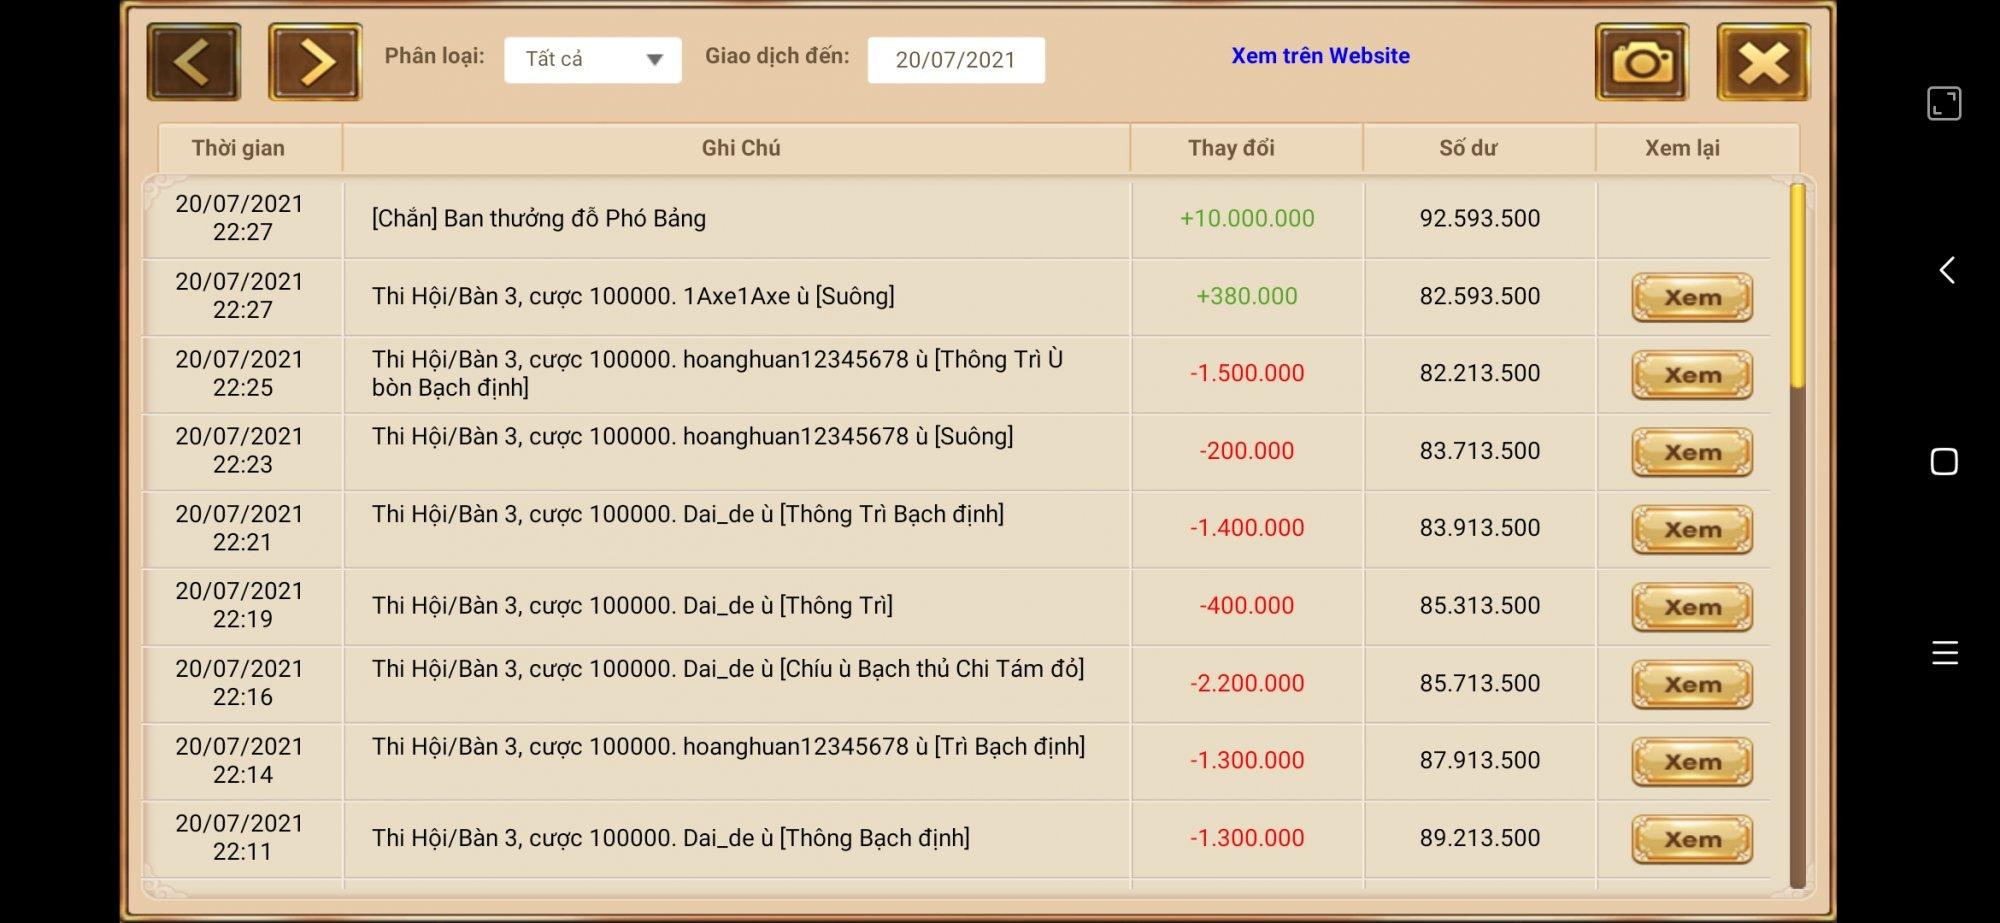 Screenshot_2021-07-20-22-28-10-122_com.vietsao.chandangian.